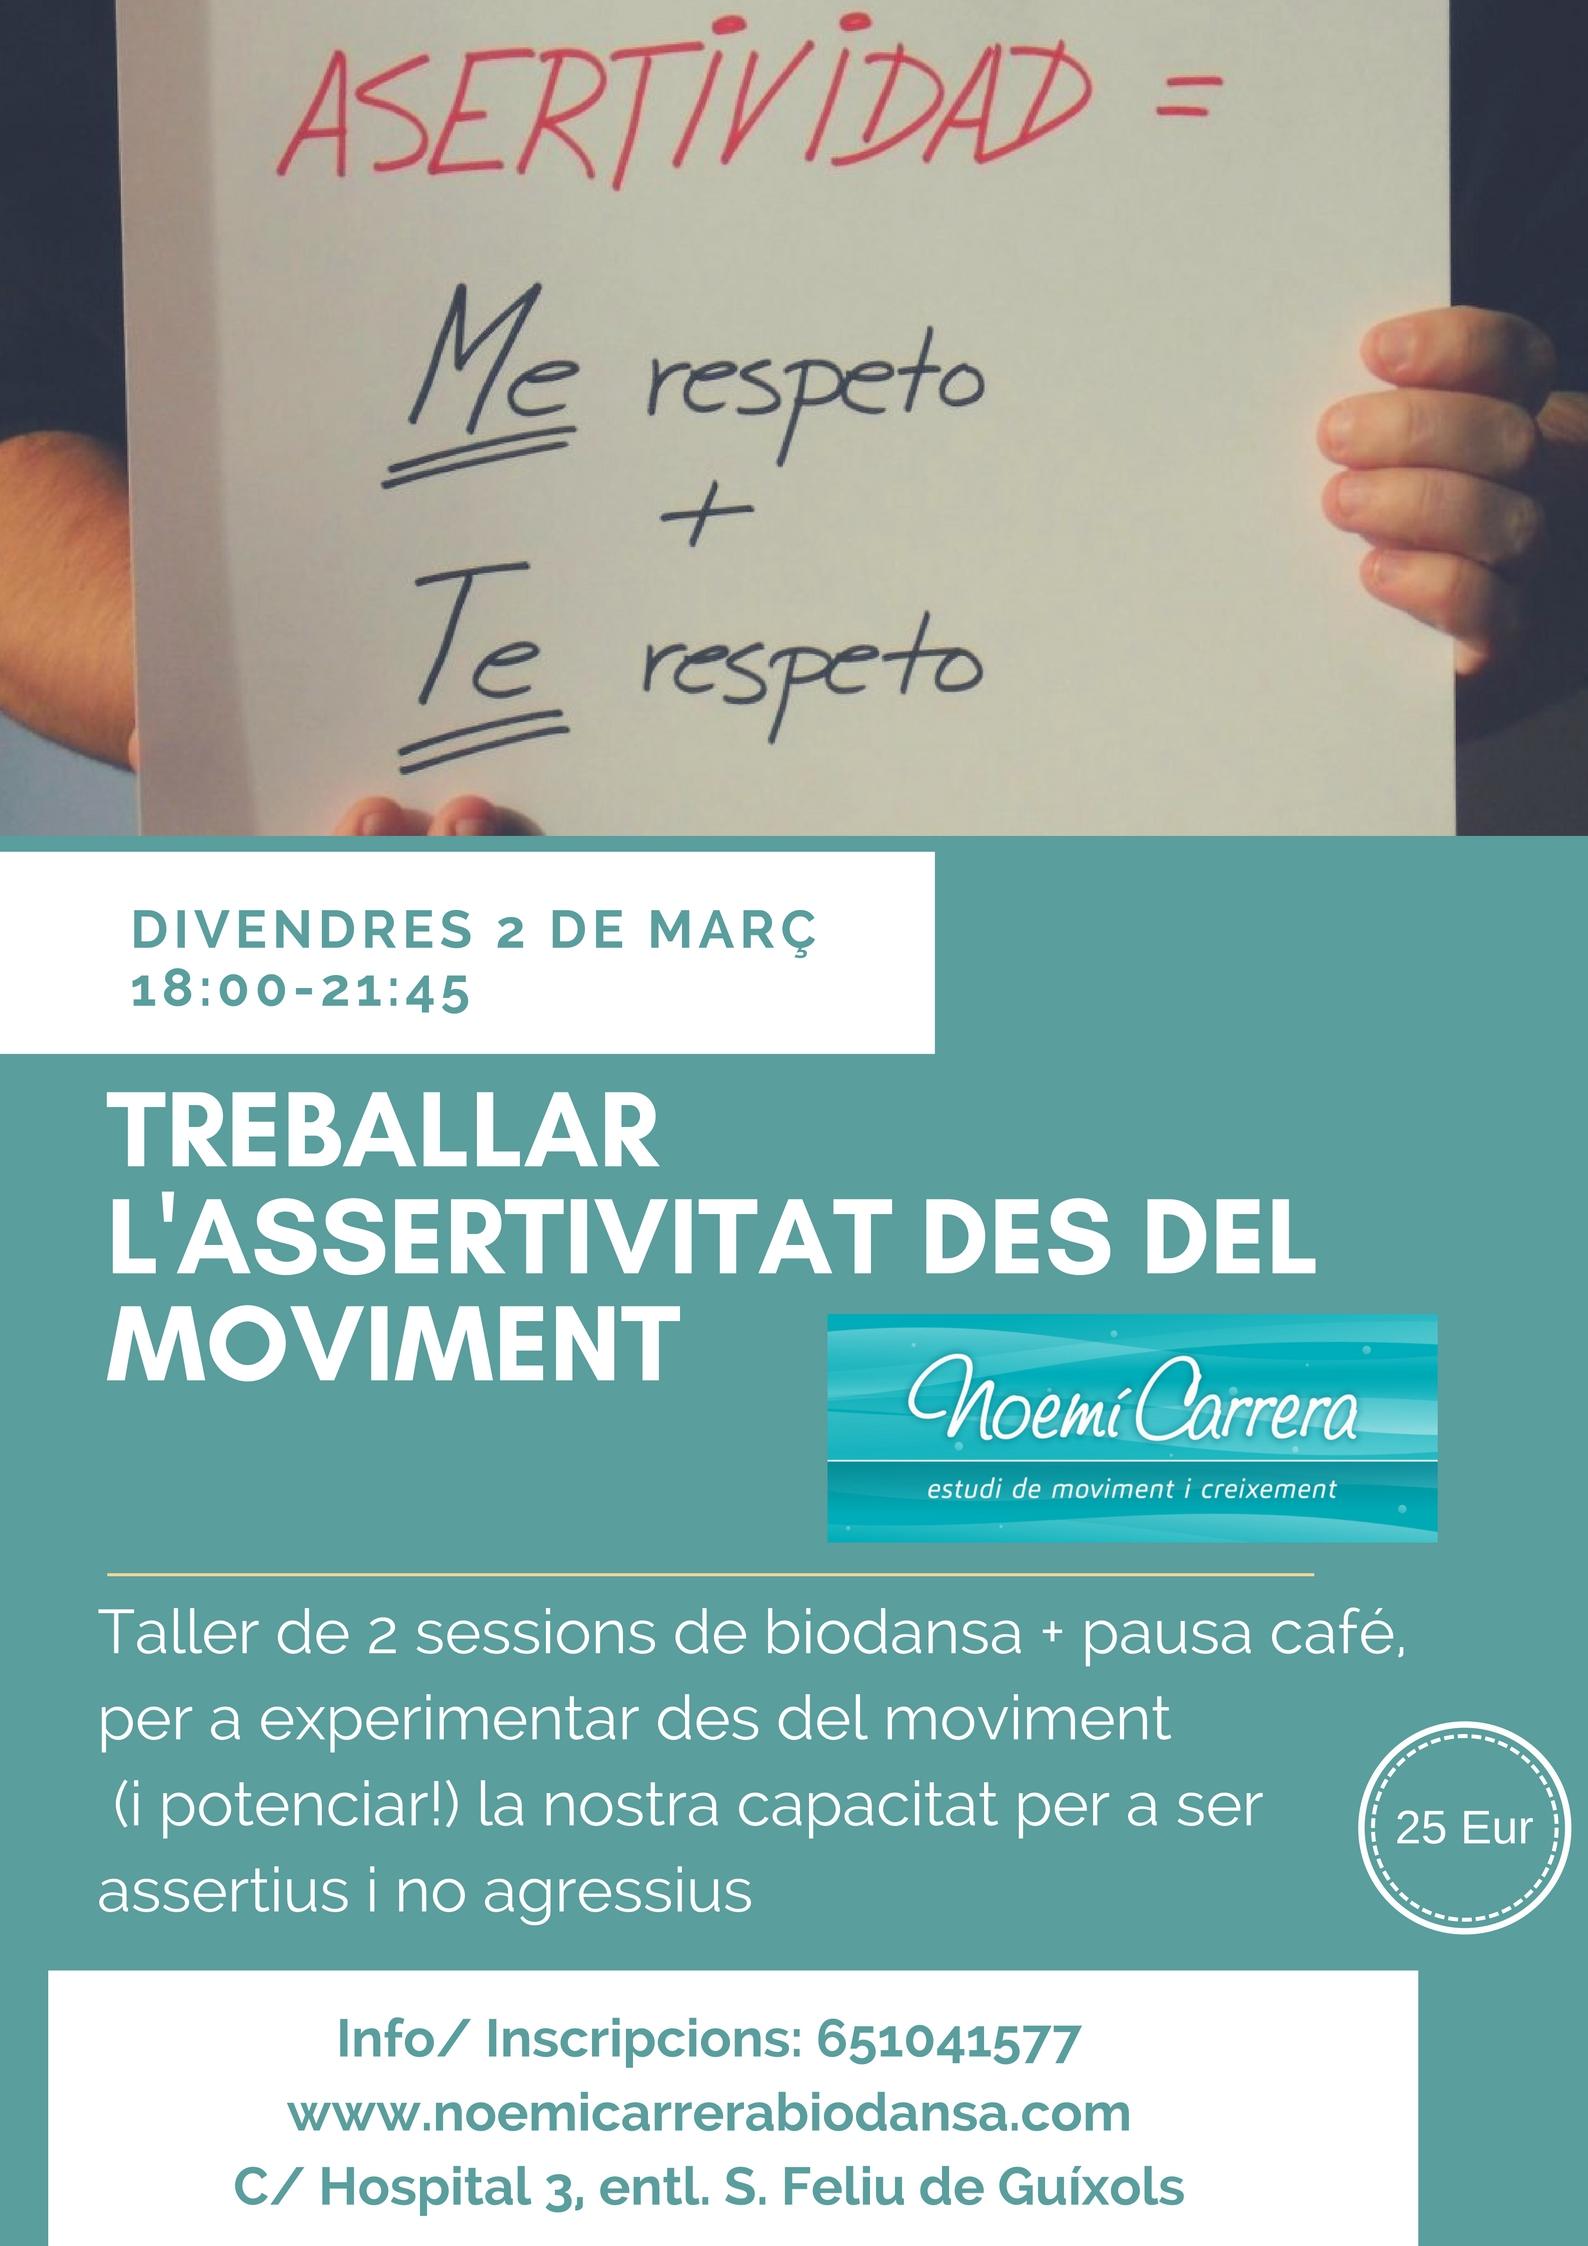 TREBALLAR L'ASSERTIVITAT DES DEL MOVIMENT